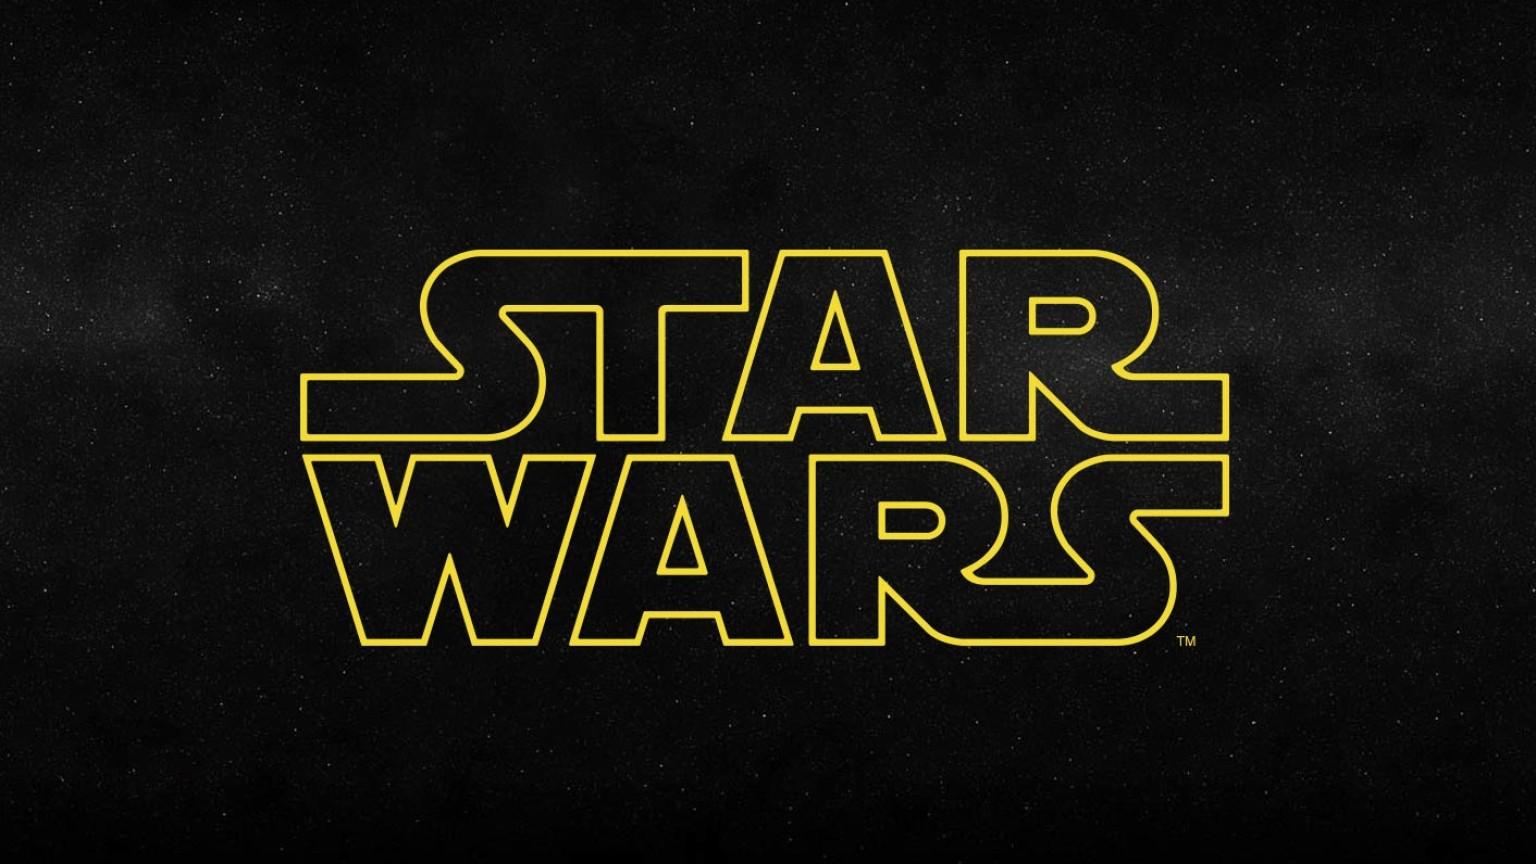 Image: LucasFilm